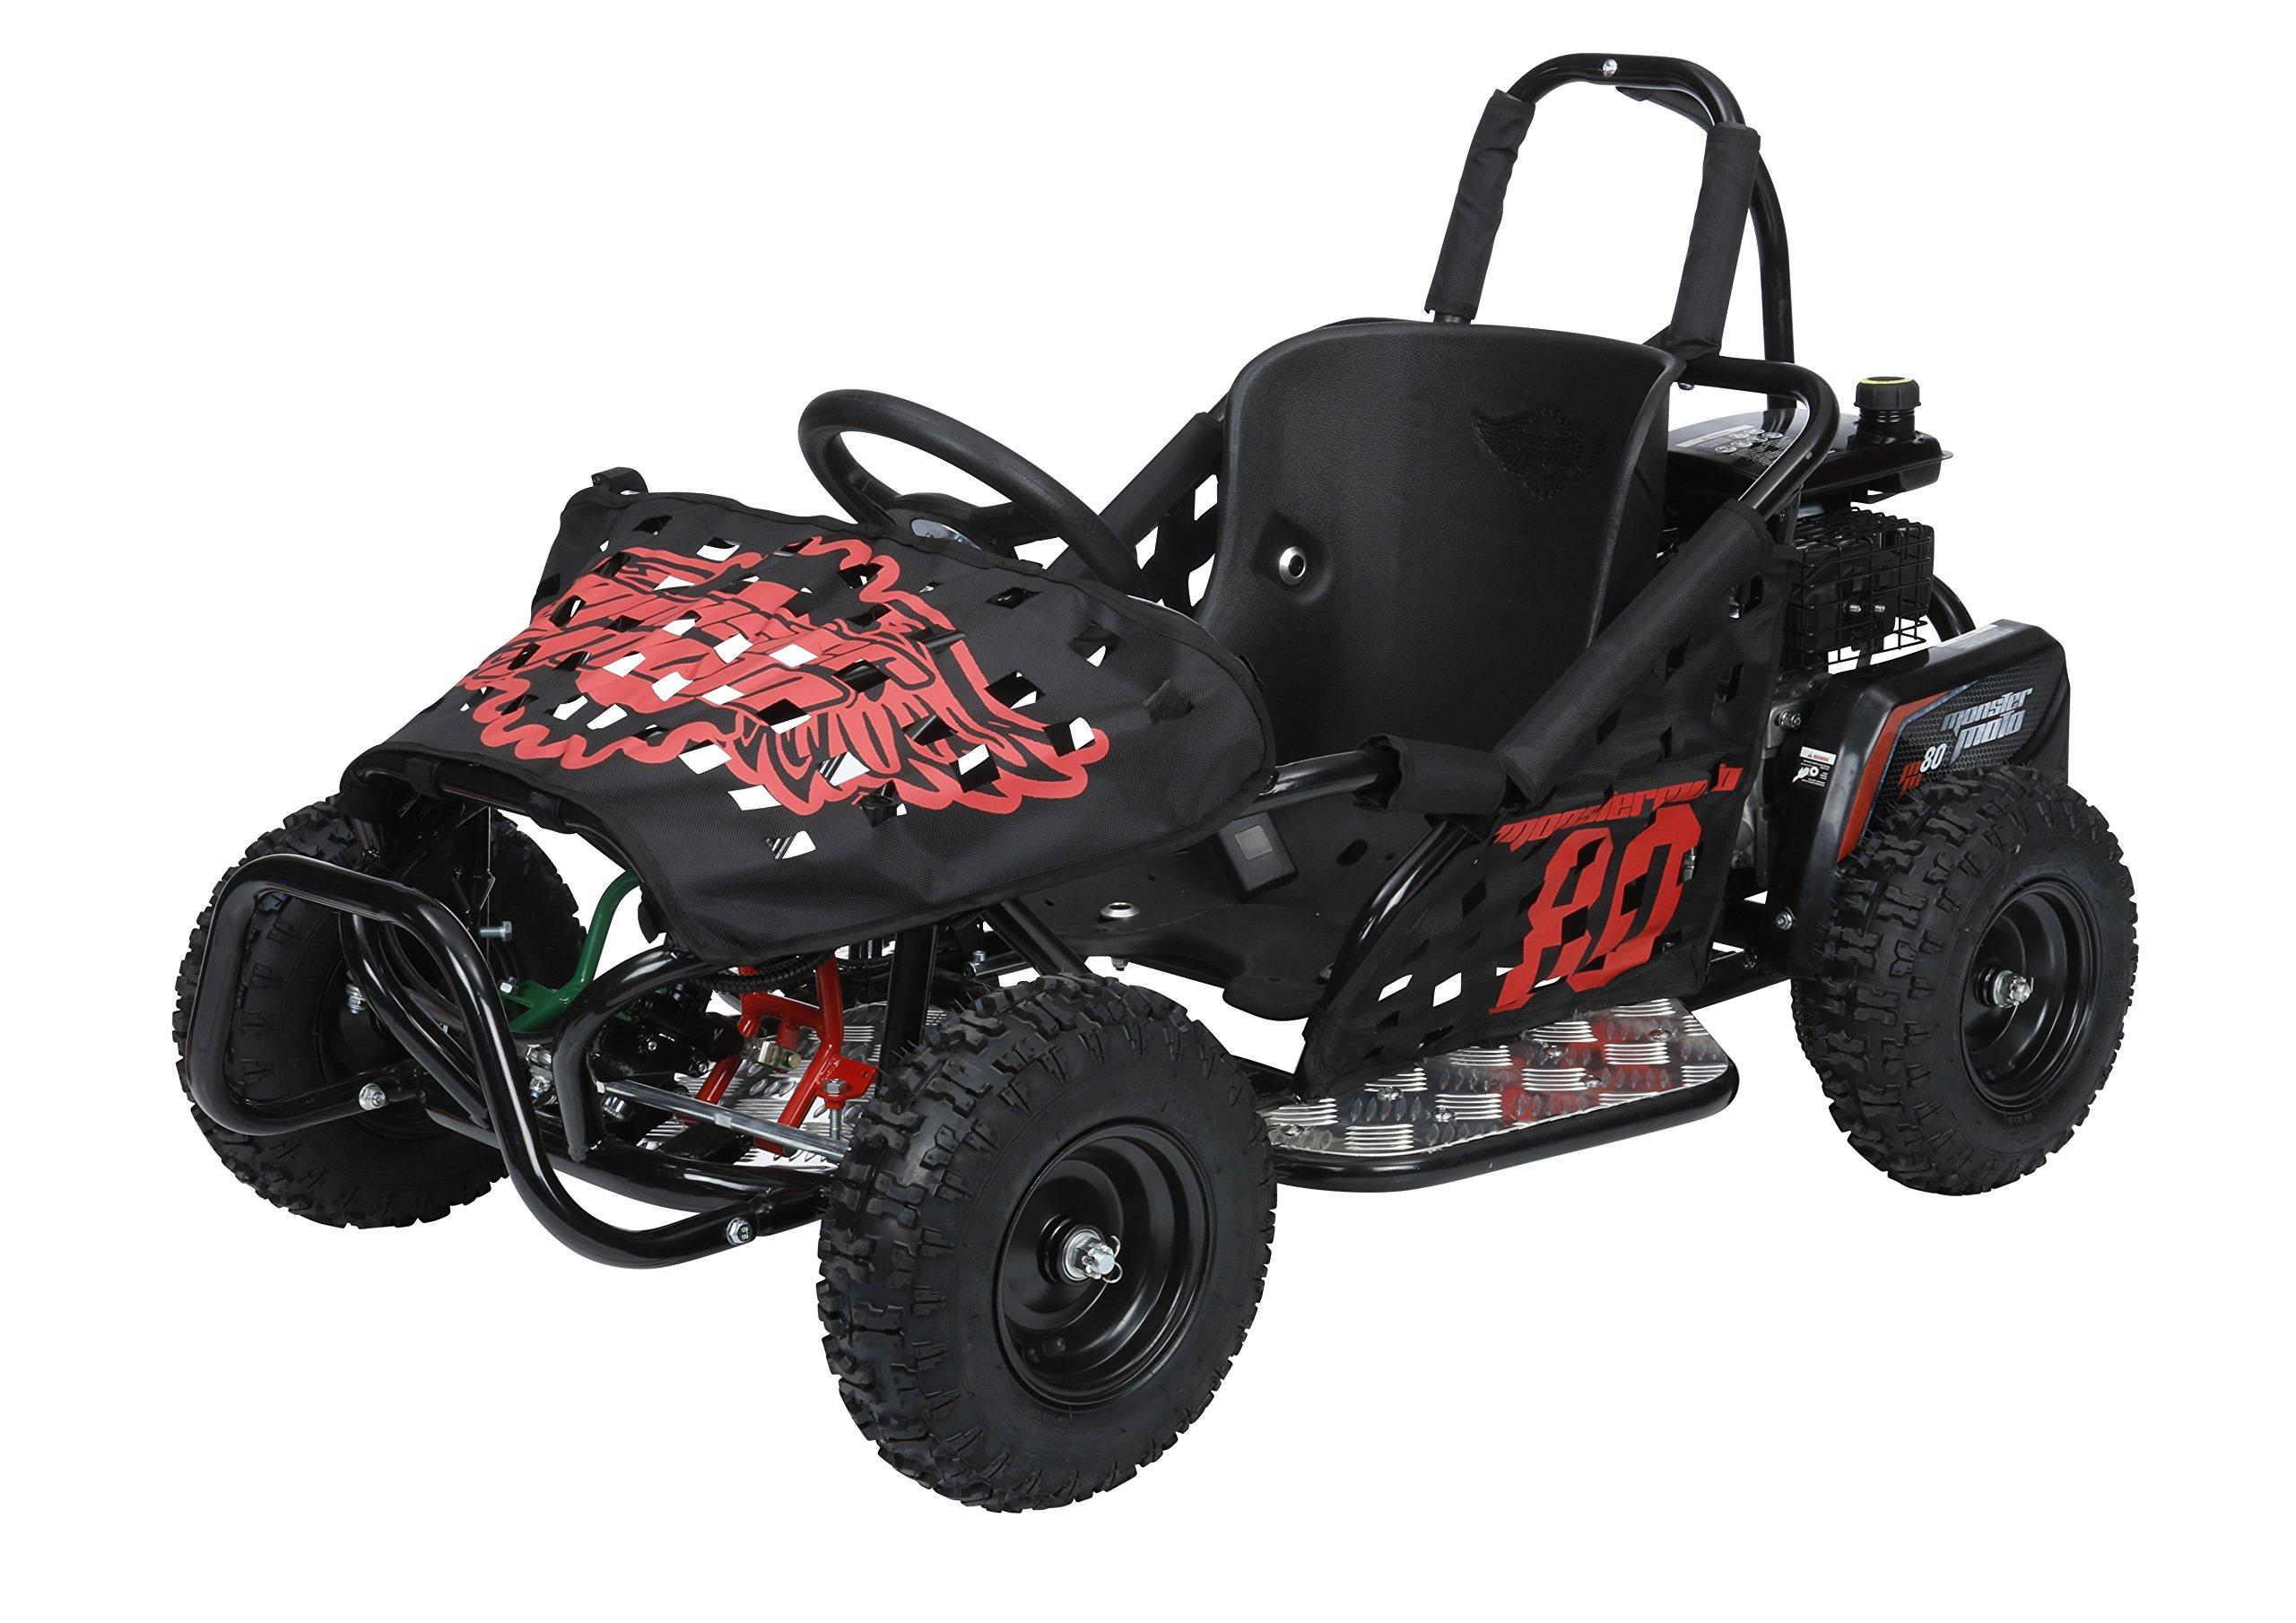 Monster Moto MM-K80-BR Black Frame with Red Graphics Go Kart by Monster Moto